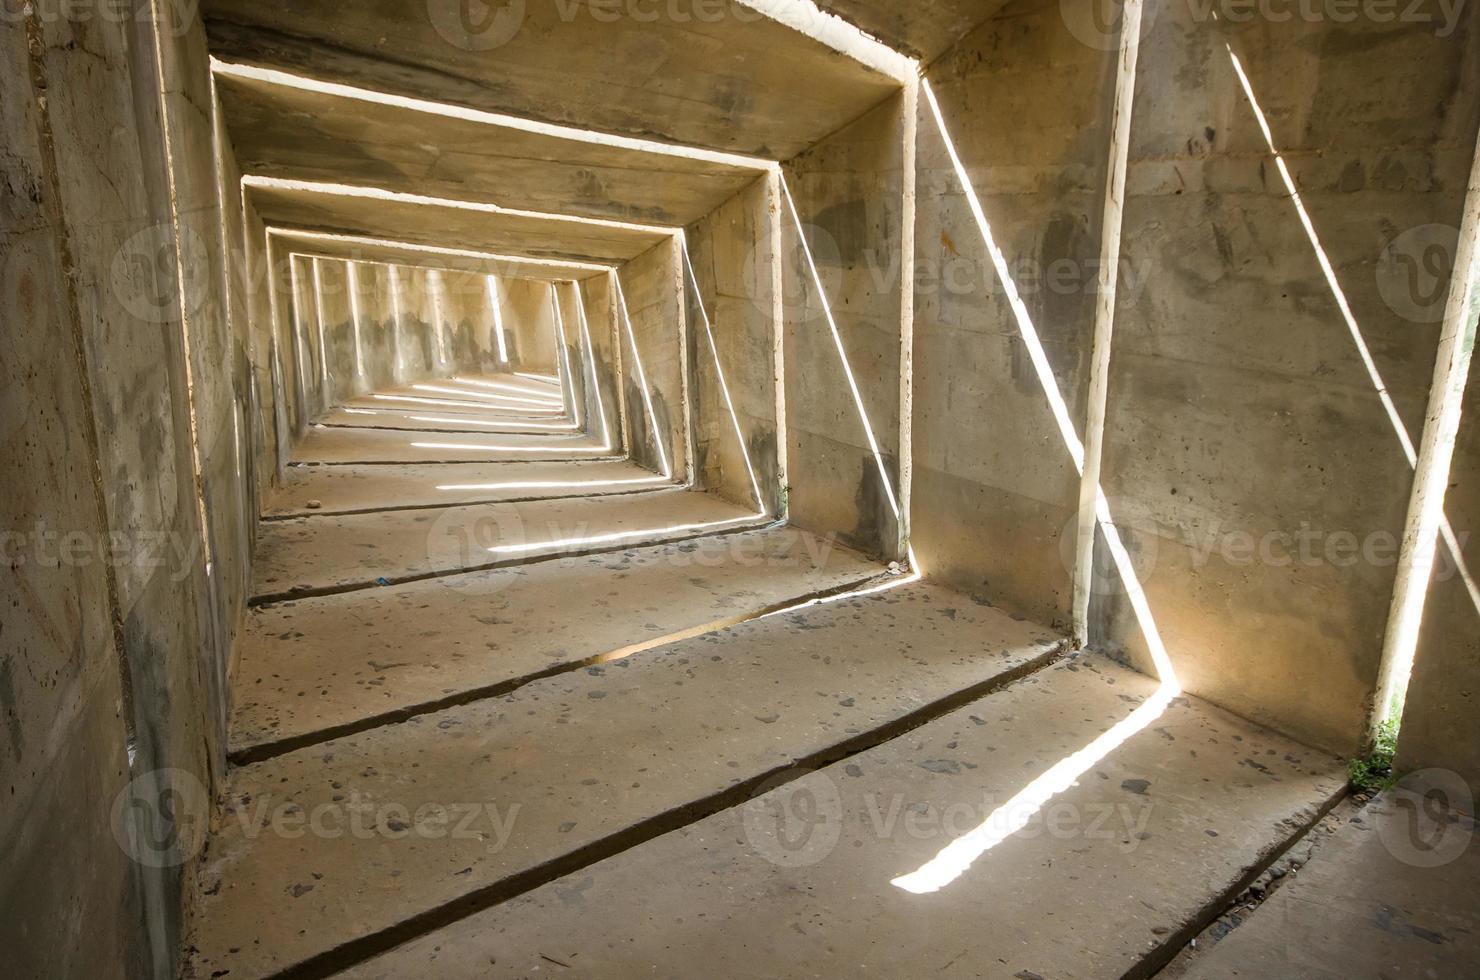 ljus i slutet av tunneln foto